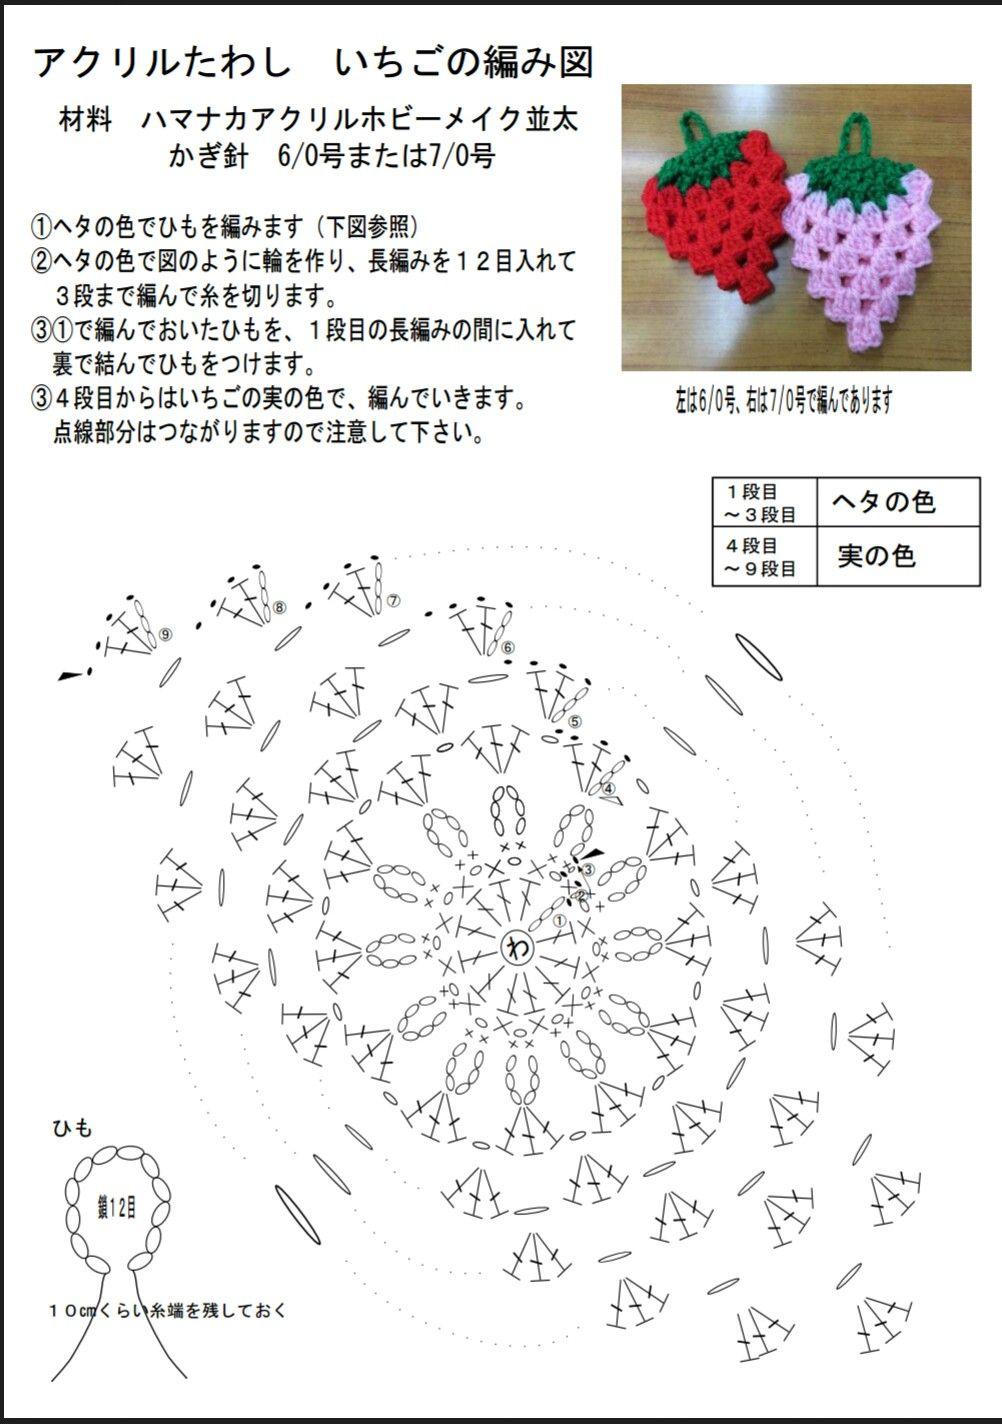 アクリル たわし いちご 編み 図